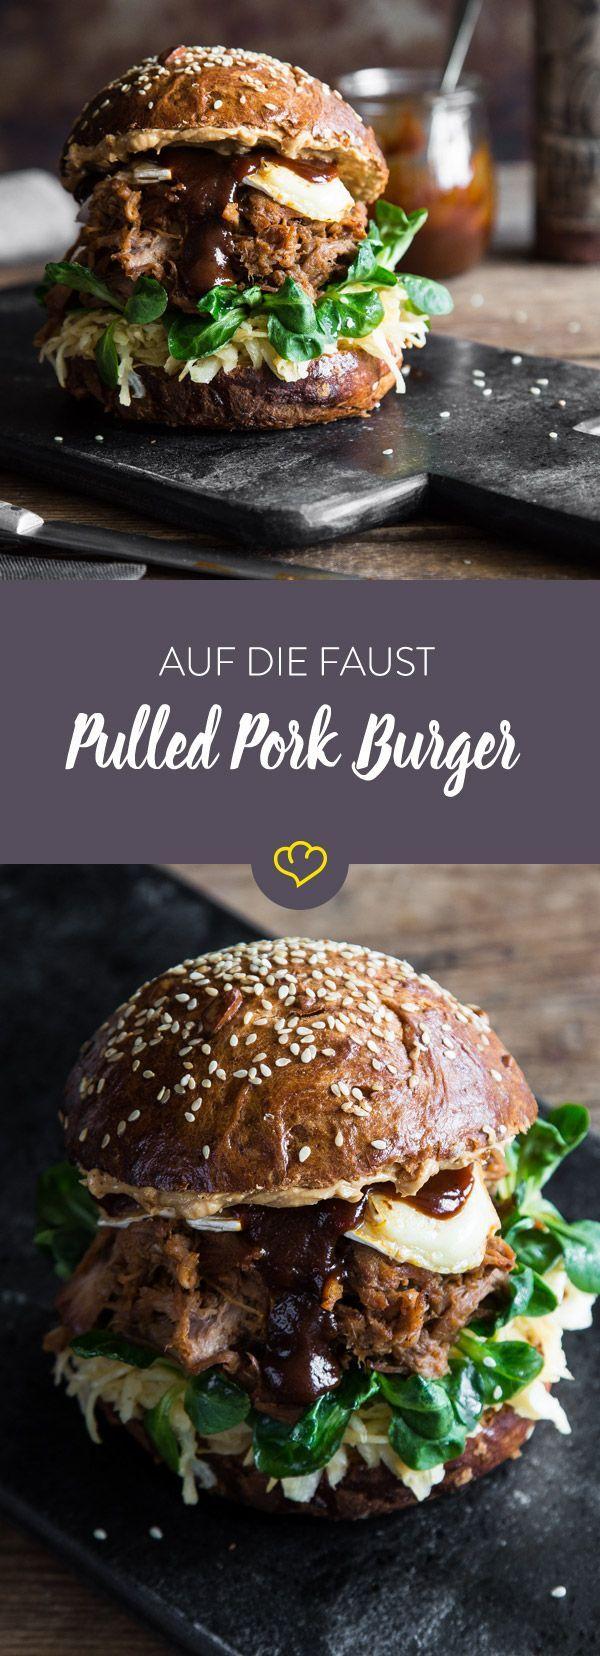 Es geht doch nichts über einen saftigen Pulled Pork Burger. Dieser kommt mit Kraut, Feldsalat, altem Camembert und Erdnussbutter.